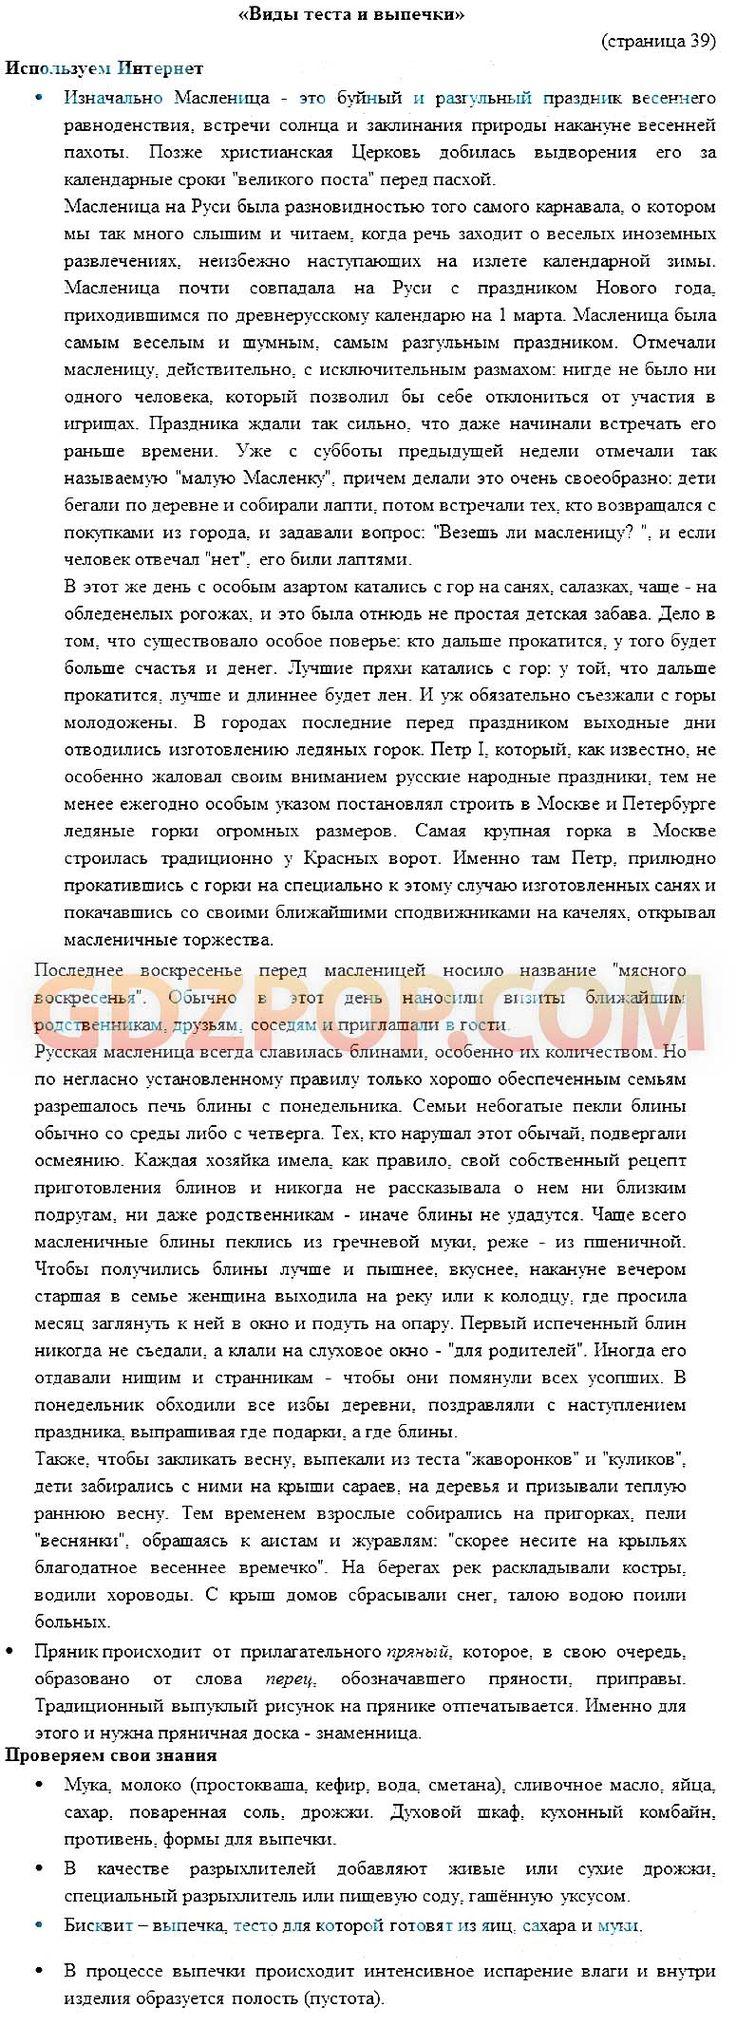 Готовые домашние задания по географии 7 класс з.я.андриевская и.п.галай